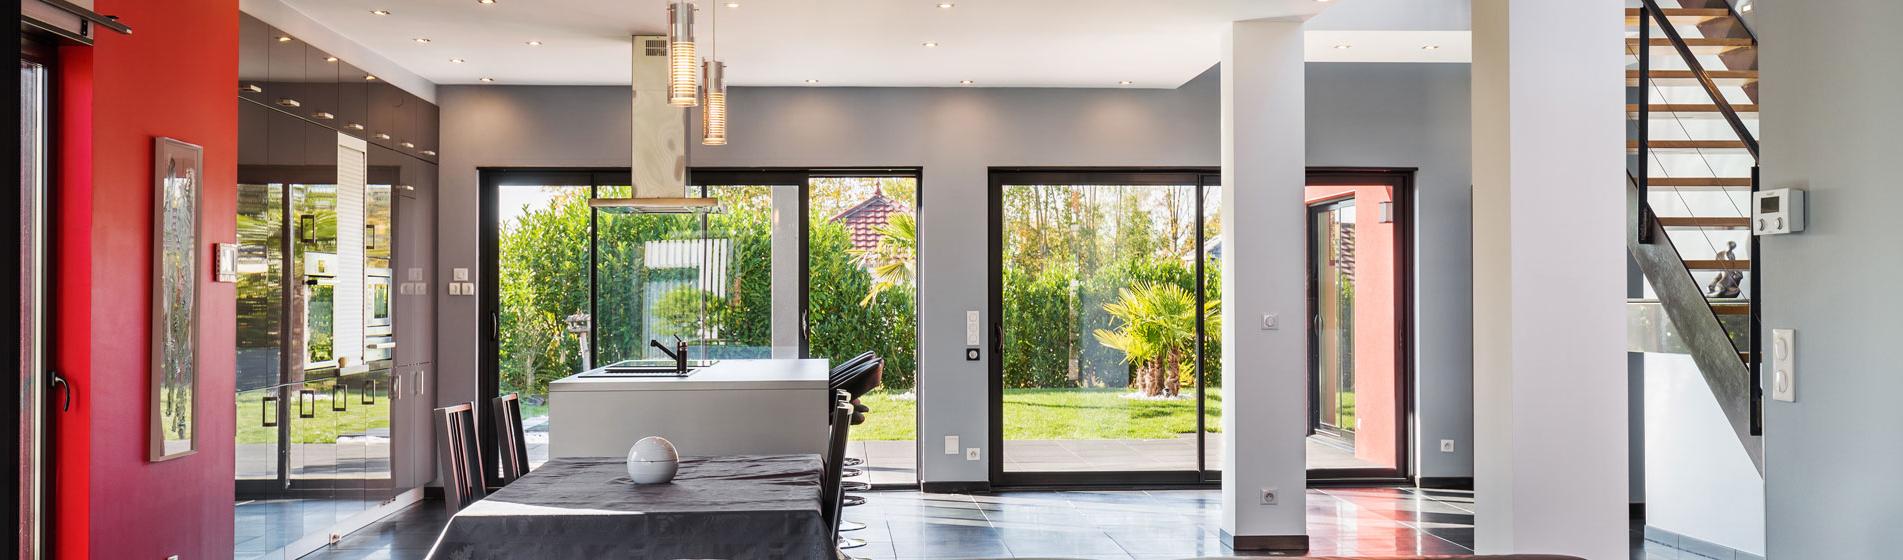 installer baie vitrée sur-mesure 30 Gard